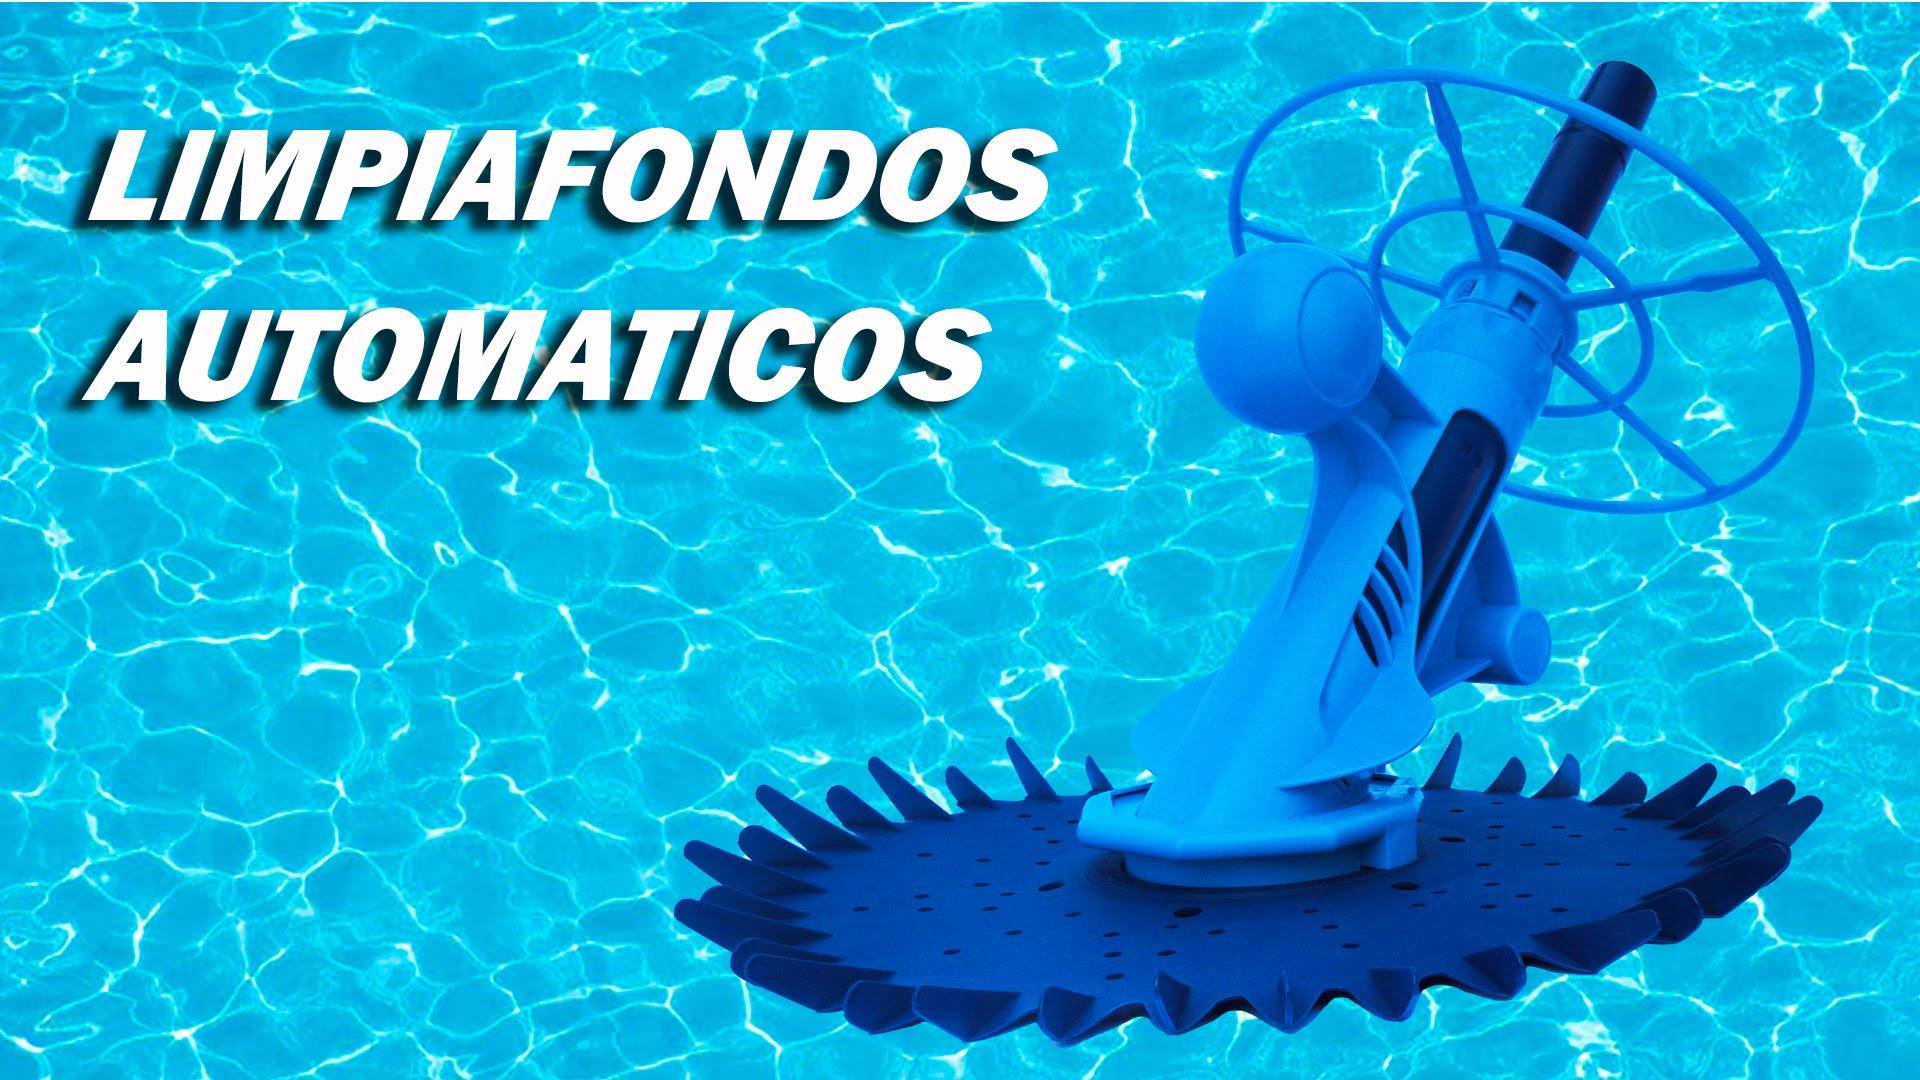 Fontanero en valencia fontanero urgente valencia - Limpiafondos de piscinas automaticos ...